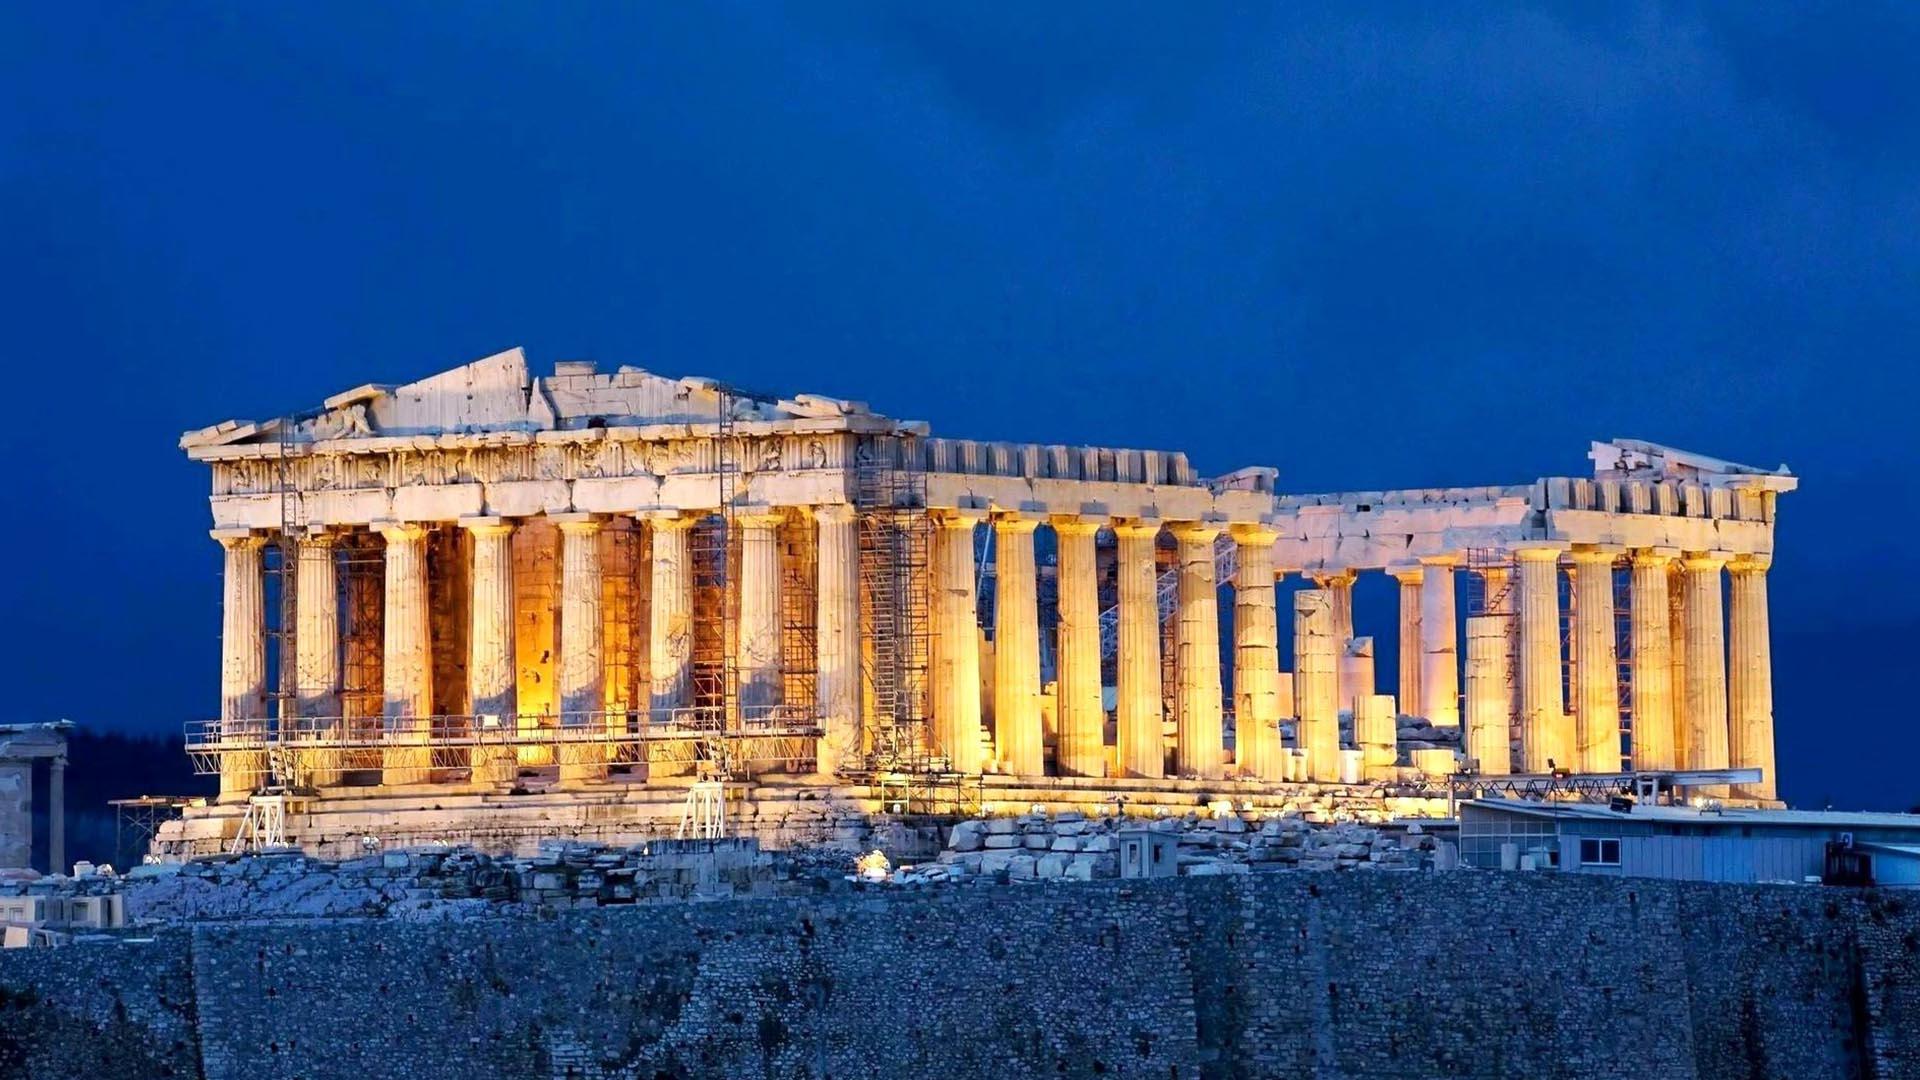 Τα πιο δημοφιλή μνημεία της Ελλάδας